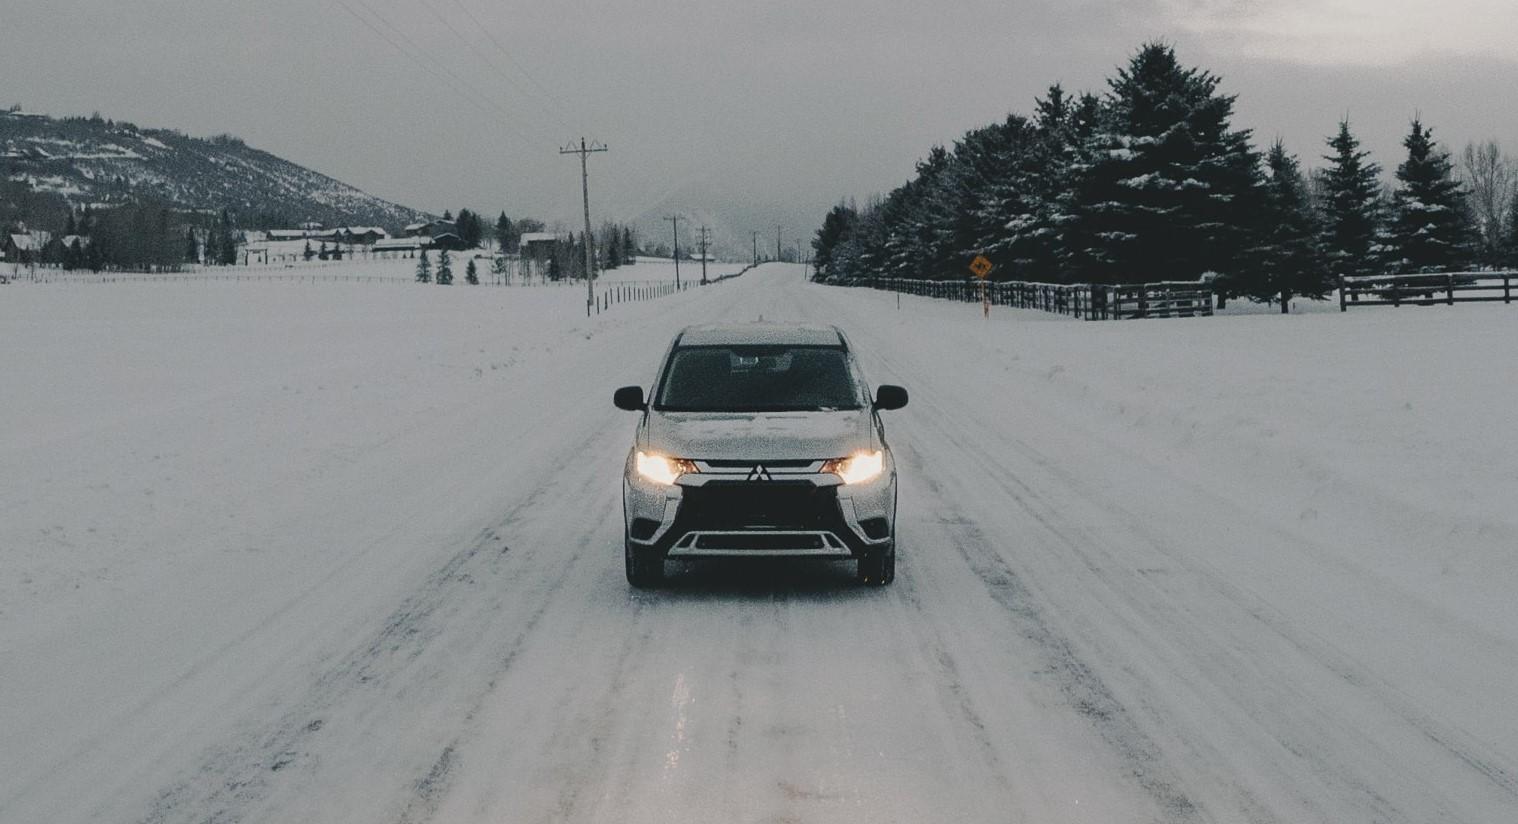 zimowe wyposażenie auta